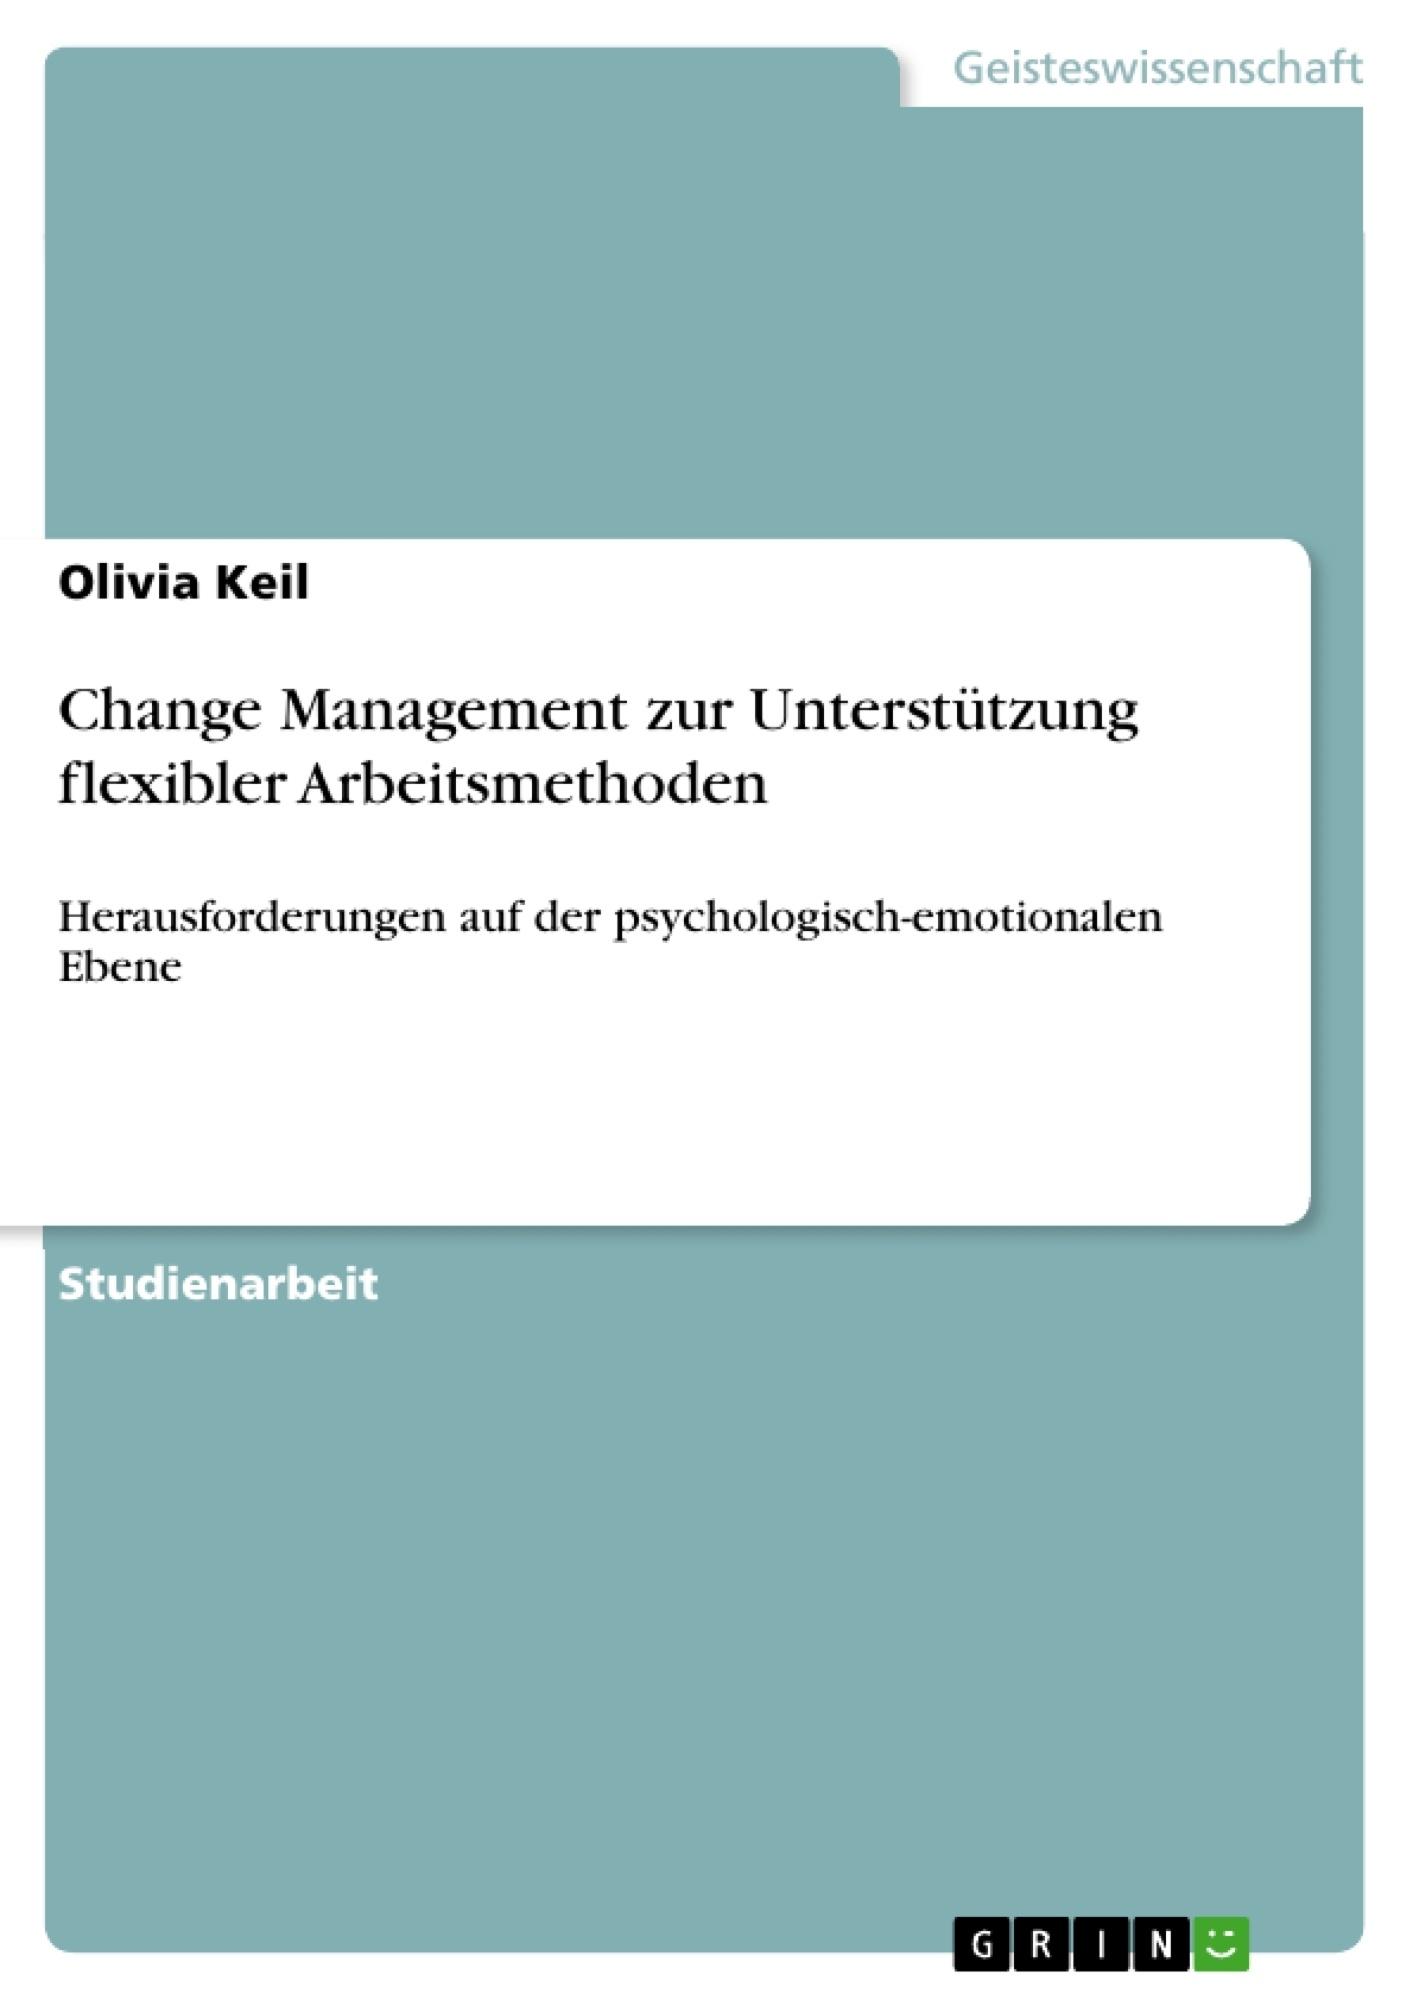 Titel: Change Management zur Unterstützung flexibler Arbeitsmethoden